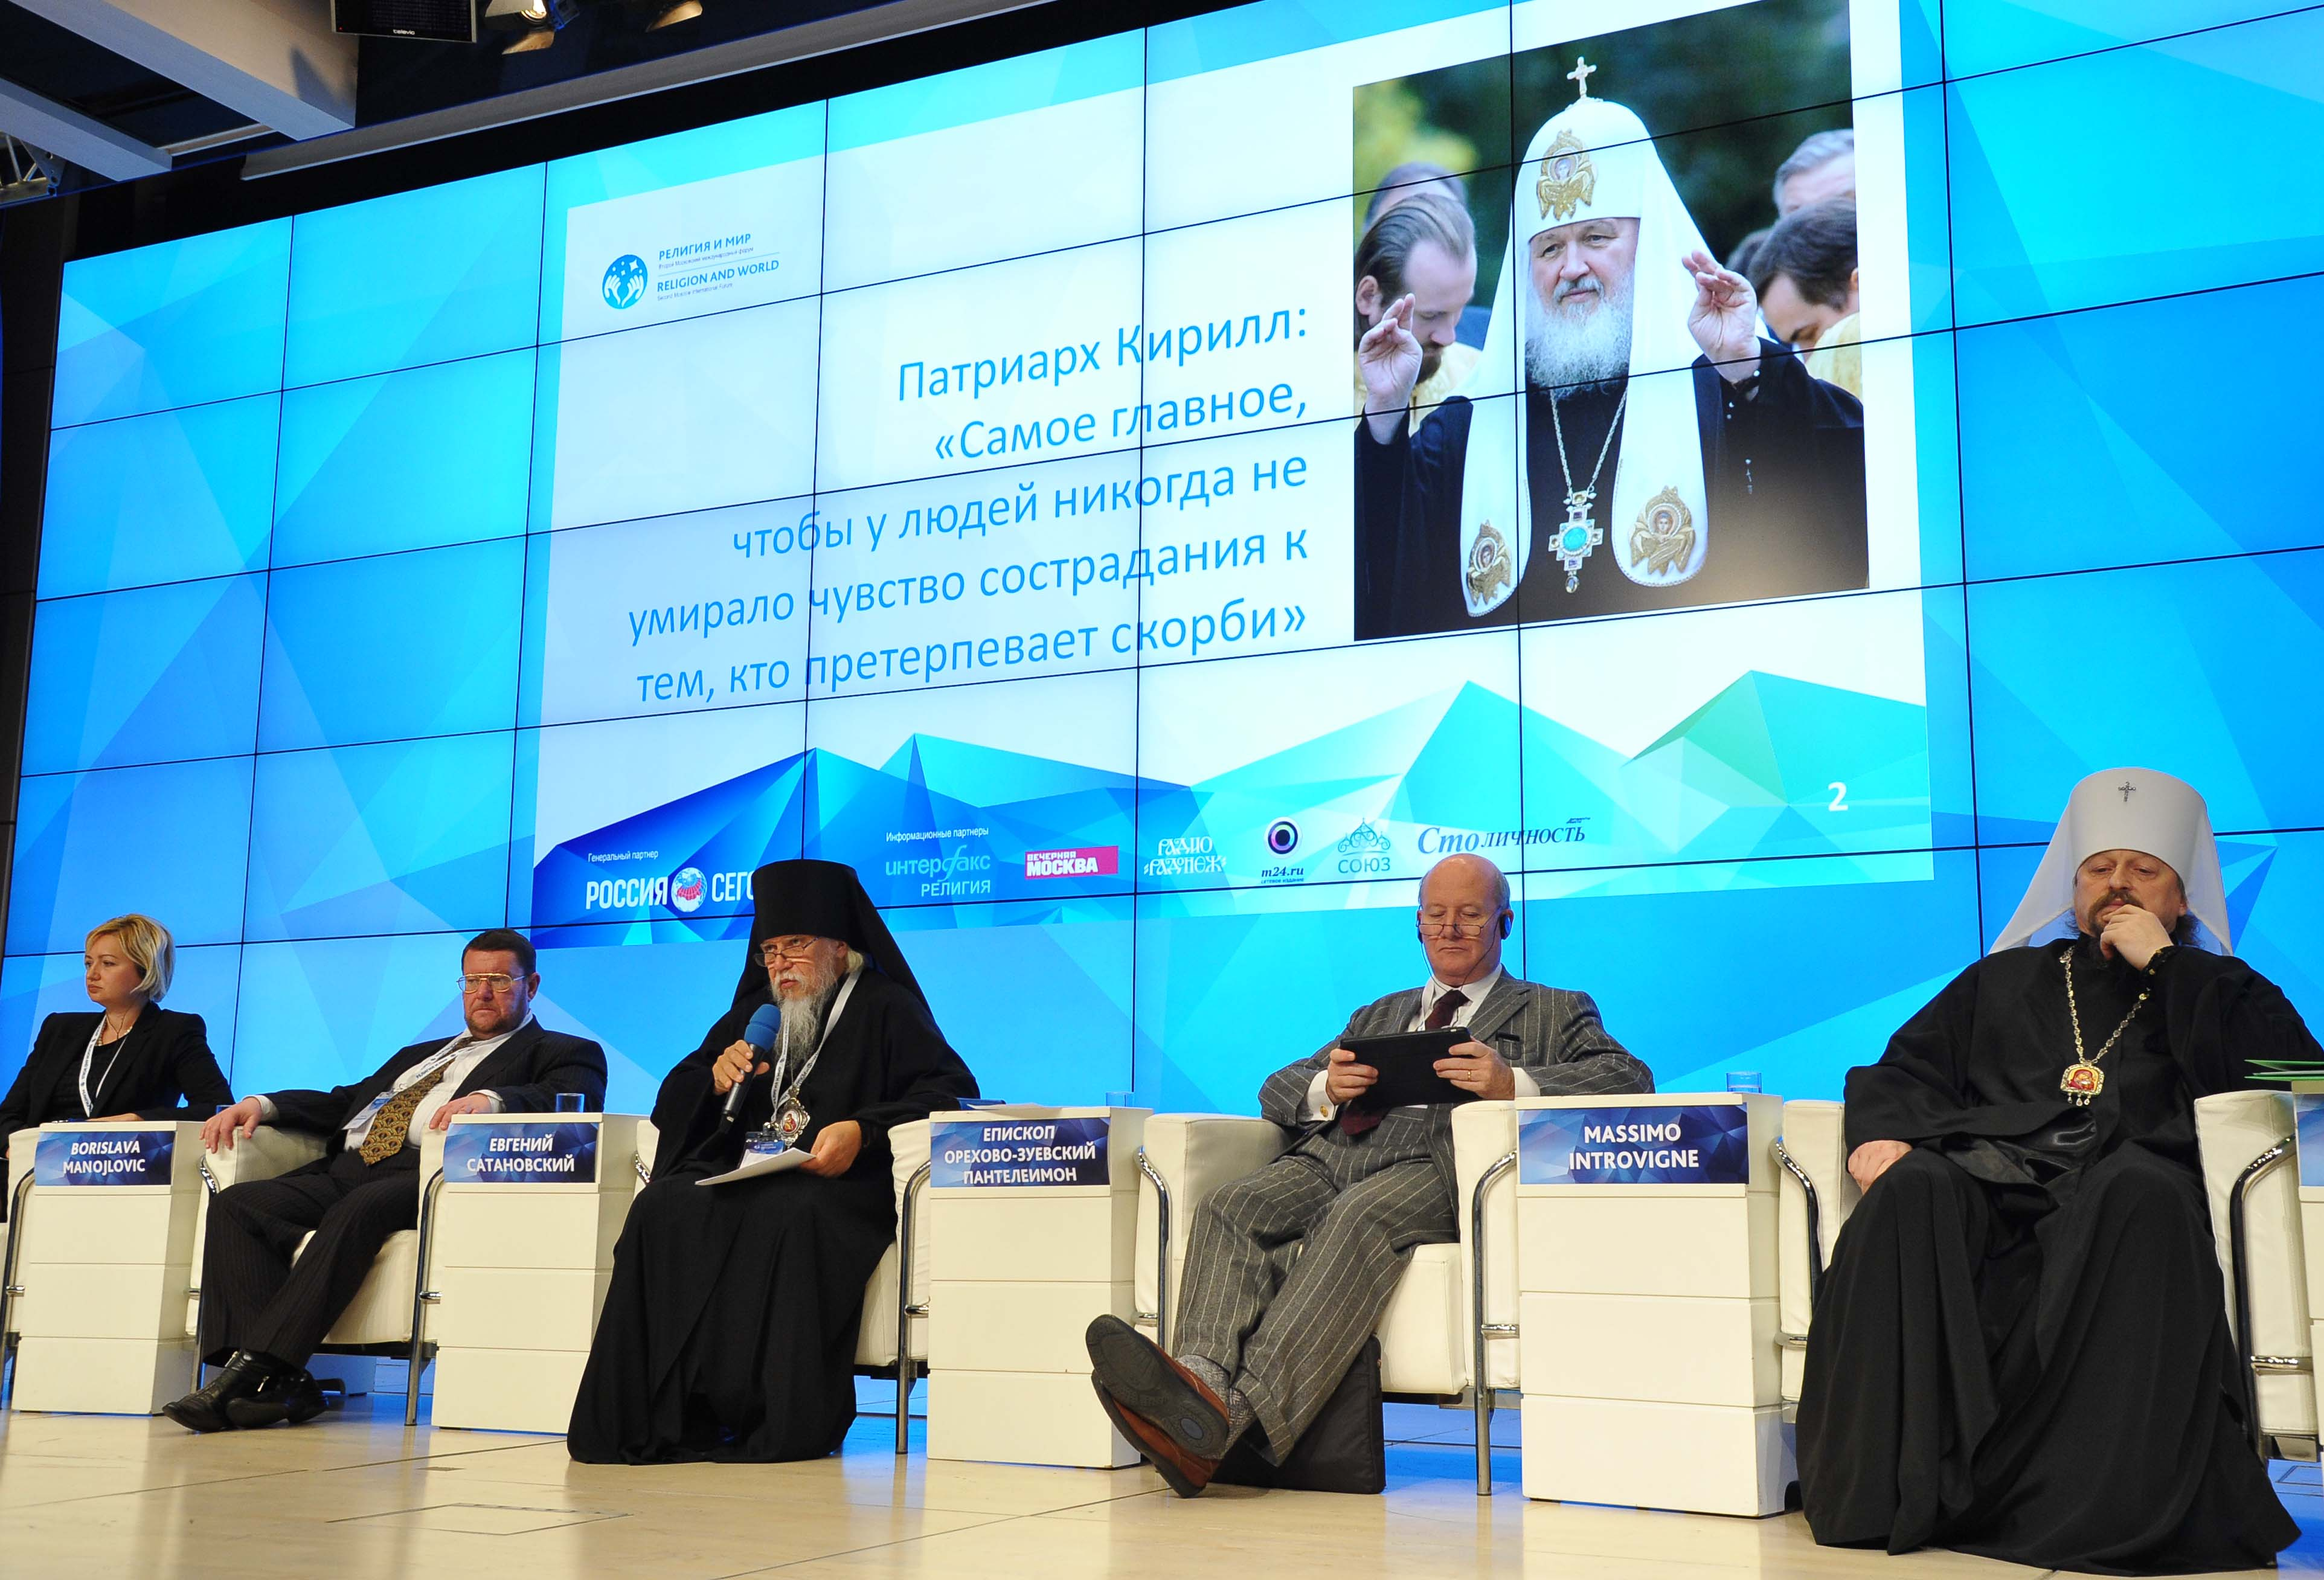 """Участники пленарого заседания второго форума """"Религия и мир"""""""